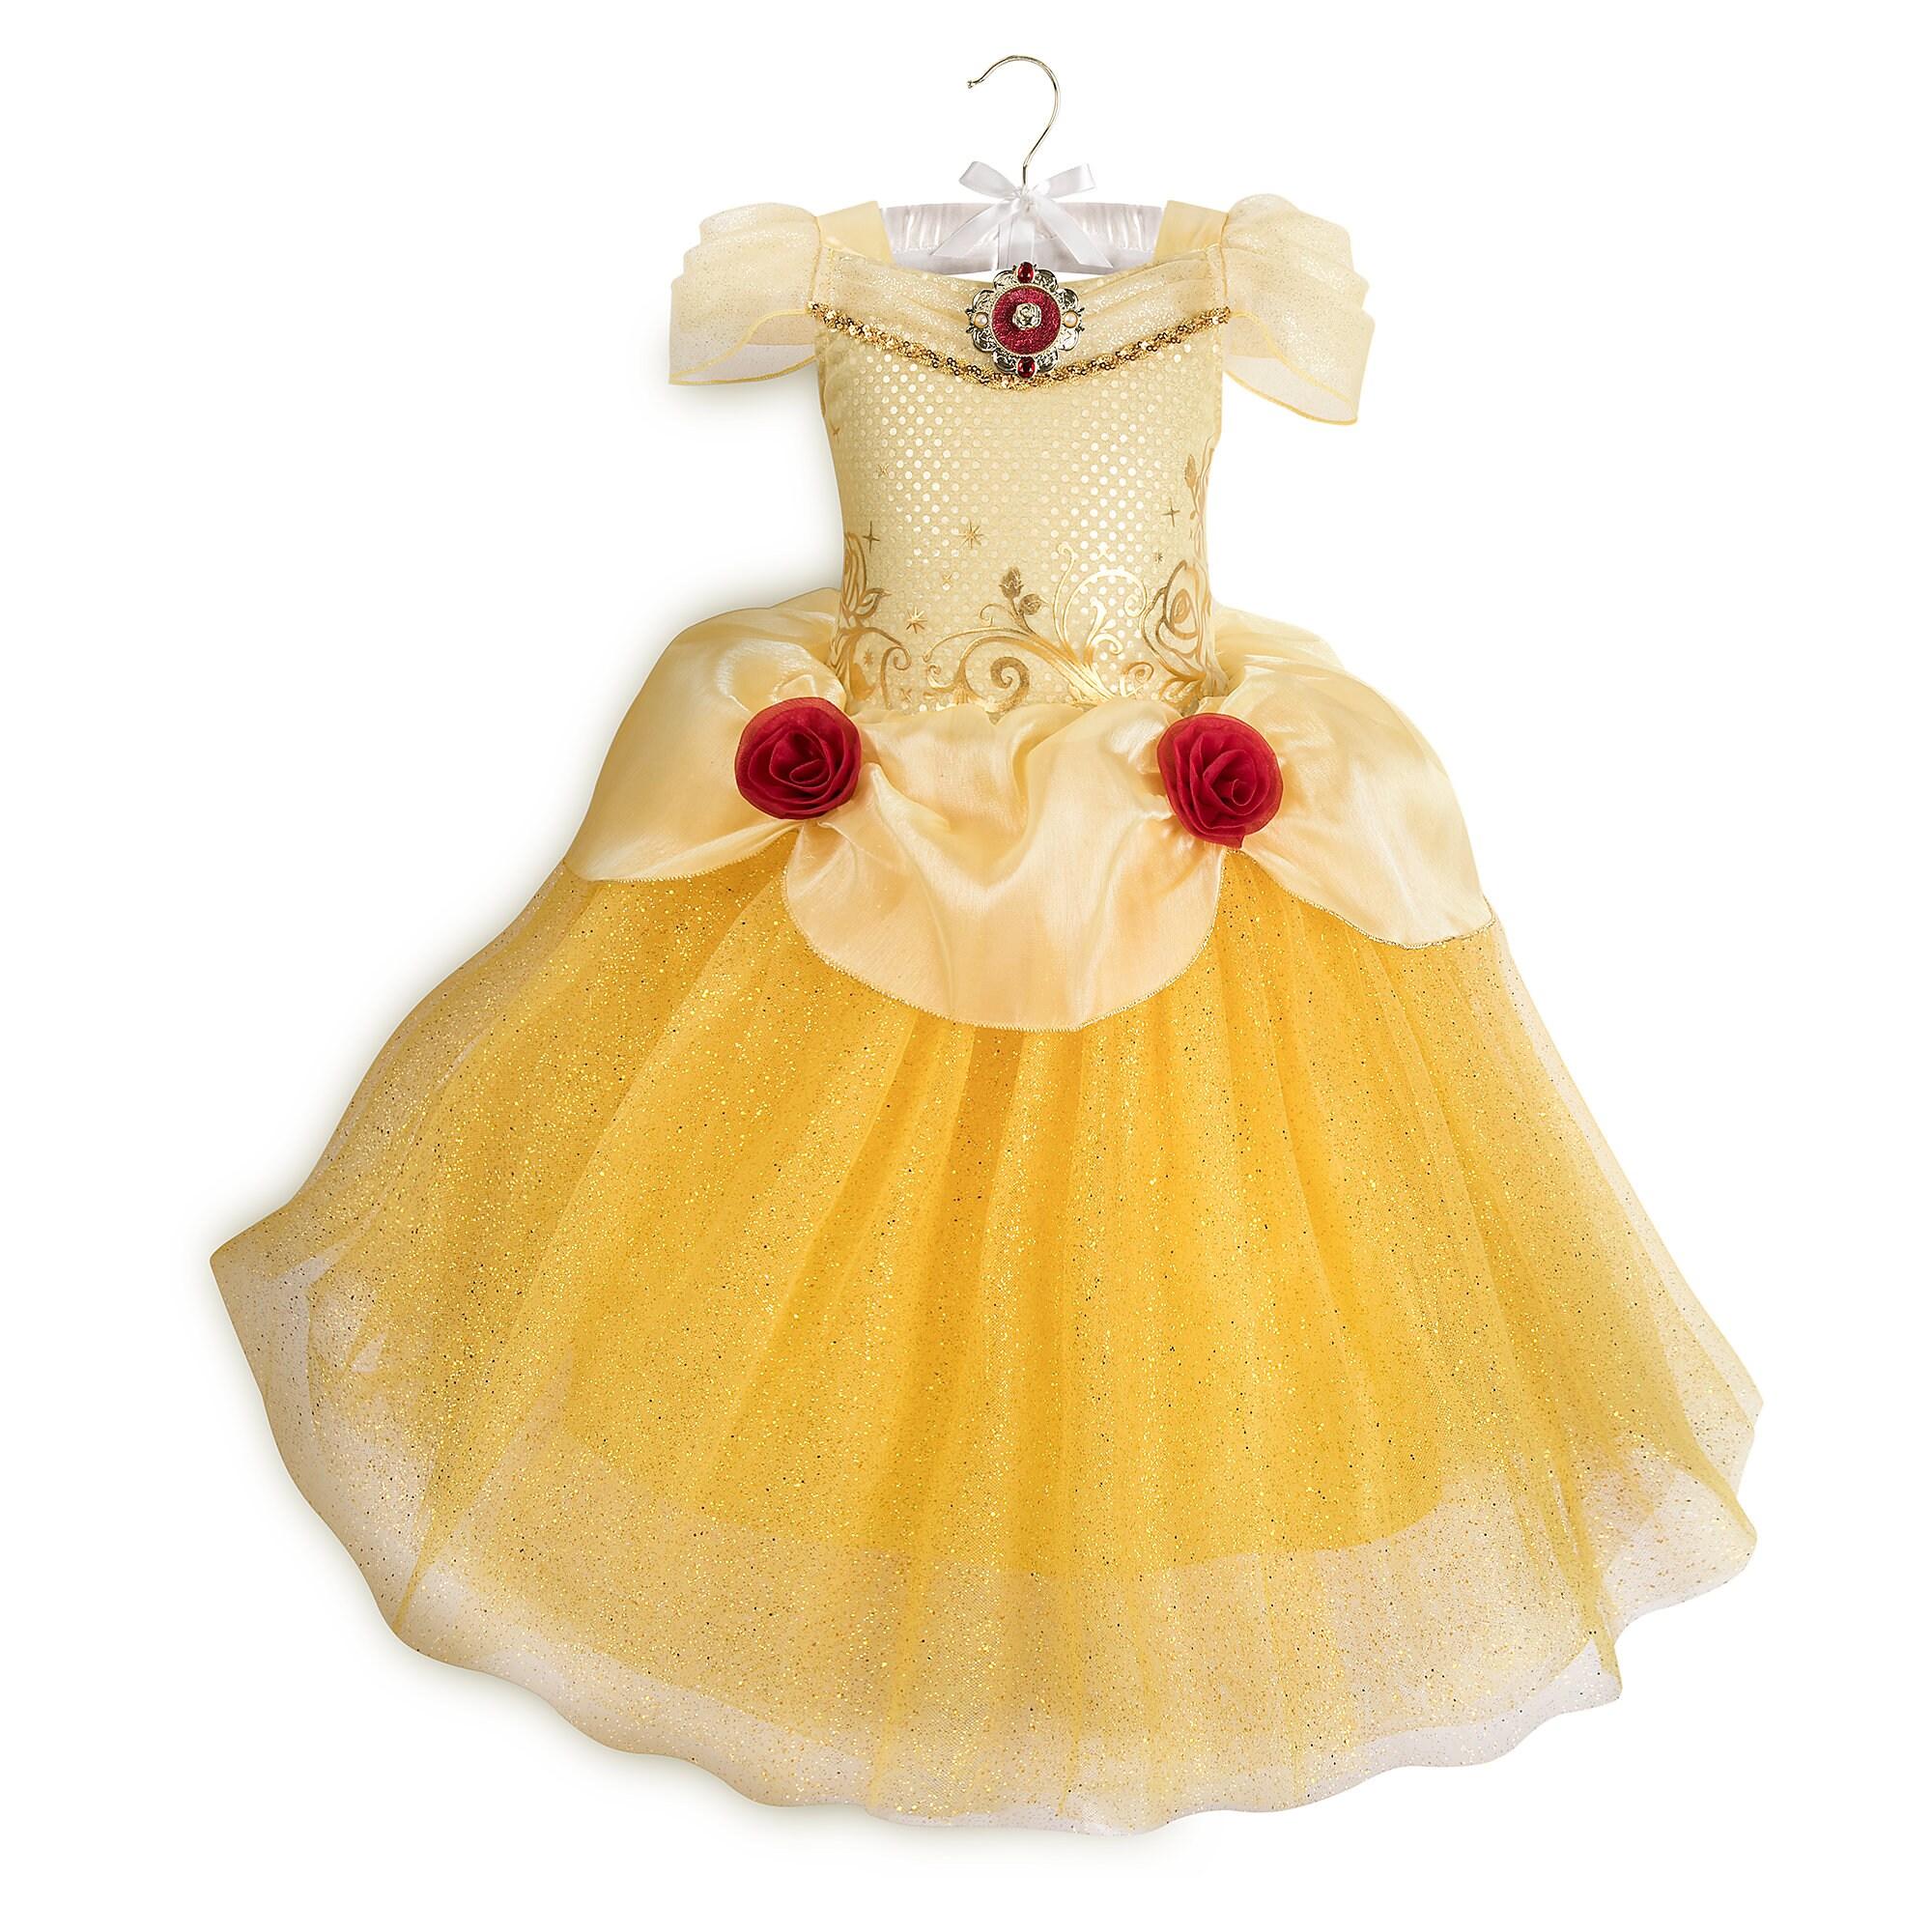 Thumbnail Image of Belle Costume for Kids # 1  sc 1 st  shopDisney & Belle Costume for Kids | shopDisney